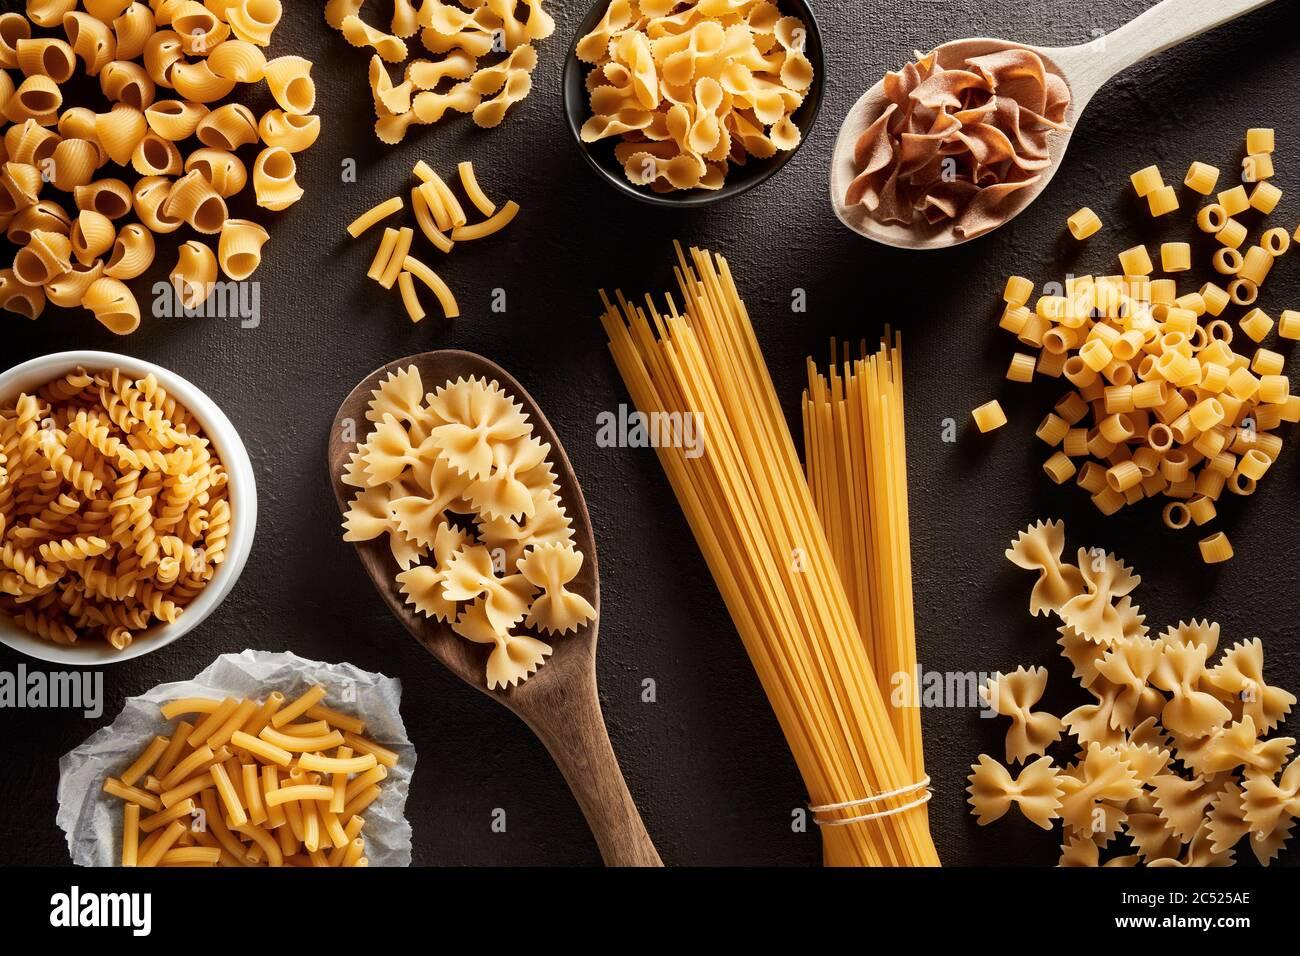 Montón de varias pastas crudas en diferentes tipos y formas sobre fondo marrón oscuro. Vista de gastos generales. Foto de stock